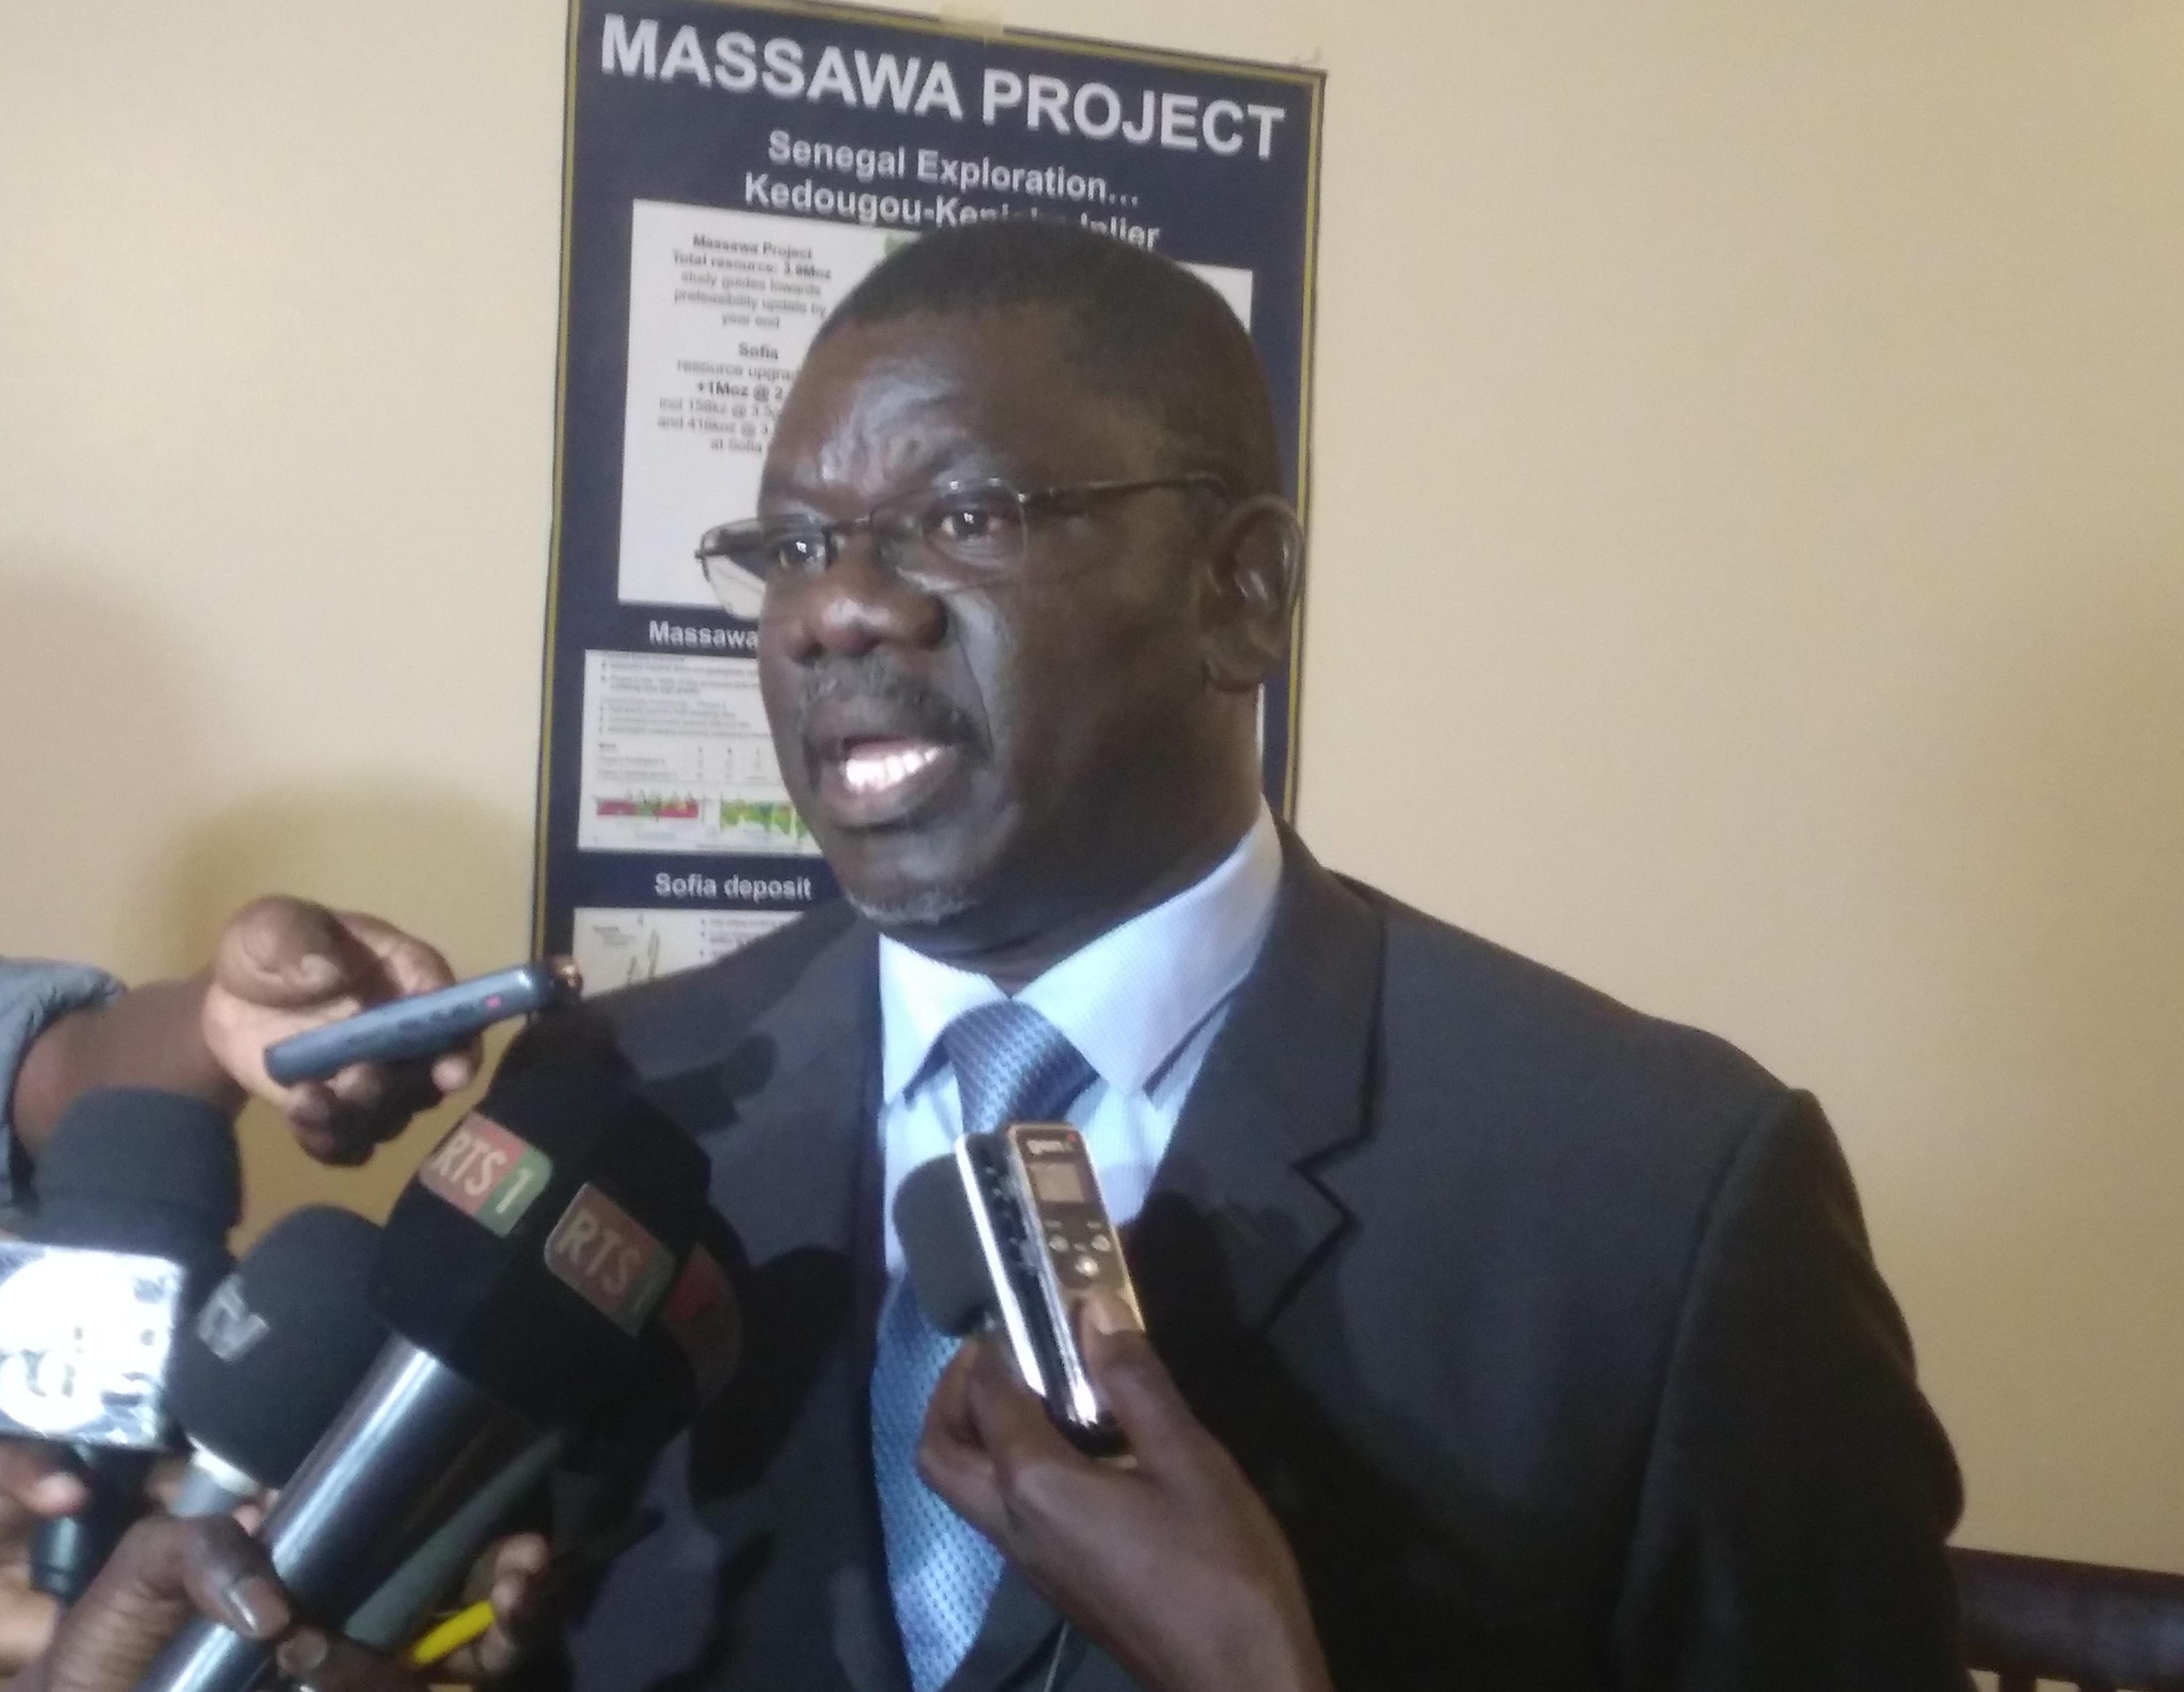 Randgold révèle une découverte d'un gisement estimé à 68 tonnes d'or à Massawa (Kedougou)